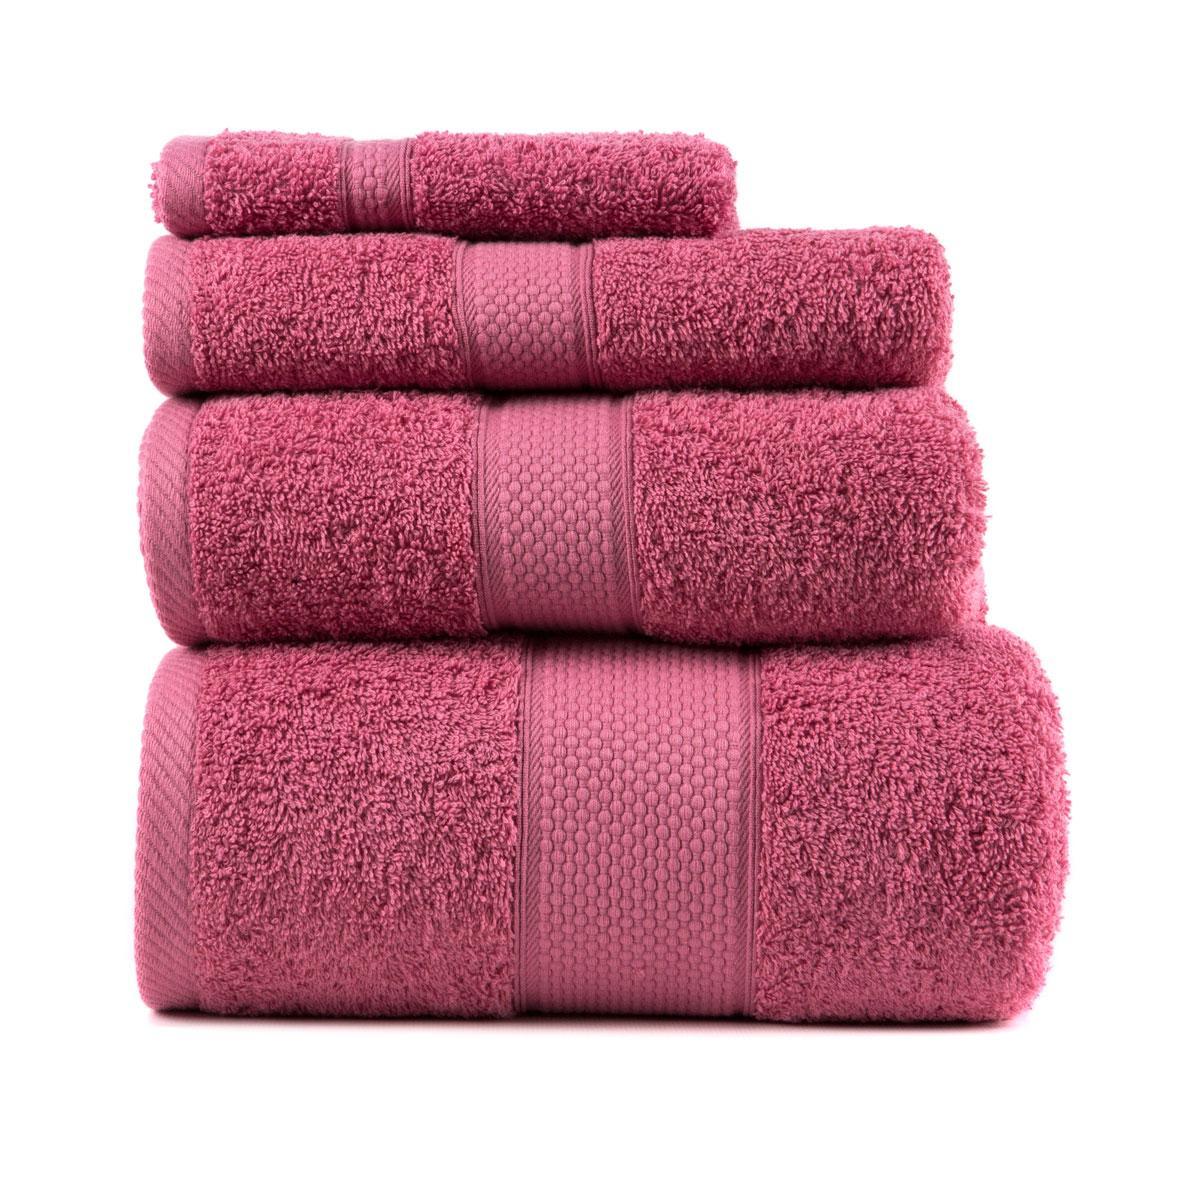 Полотенце для лица Arya Miranda Soft 50*90 см махровое банное сухая роза арт.TRK111000017463